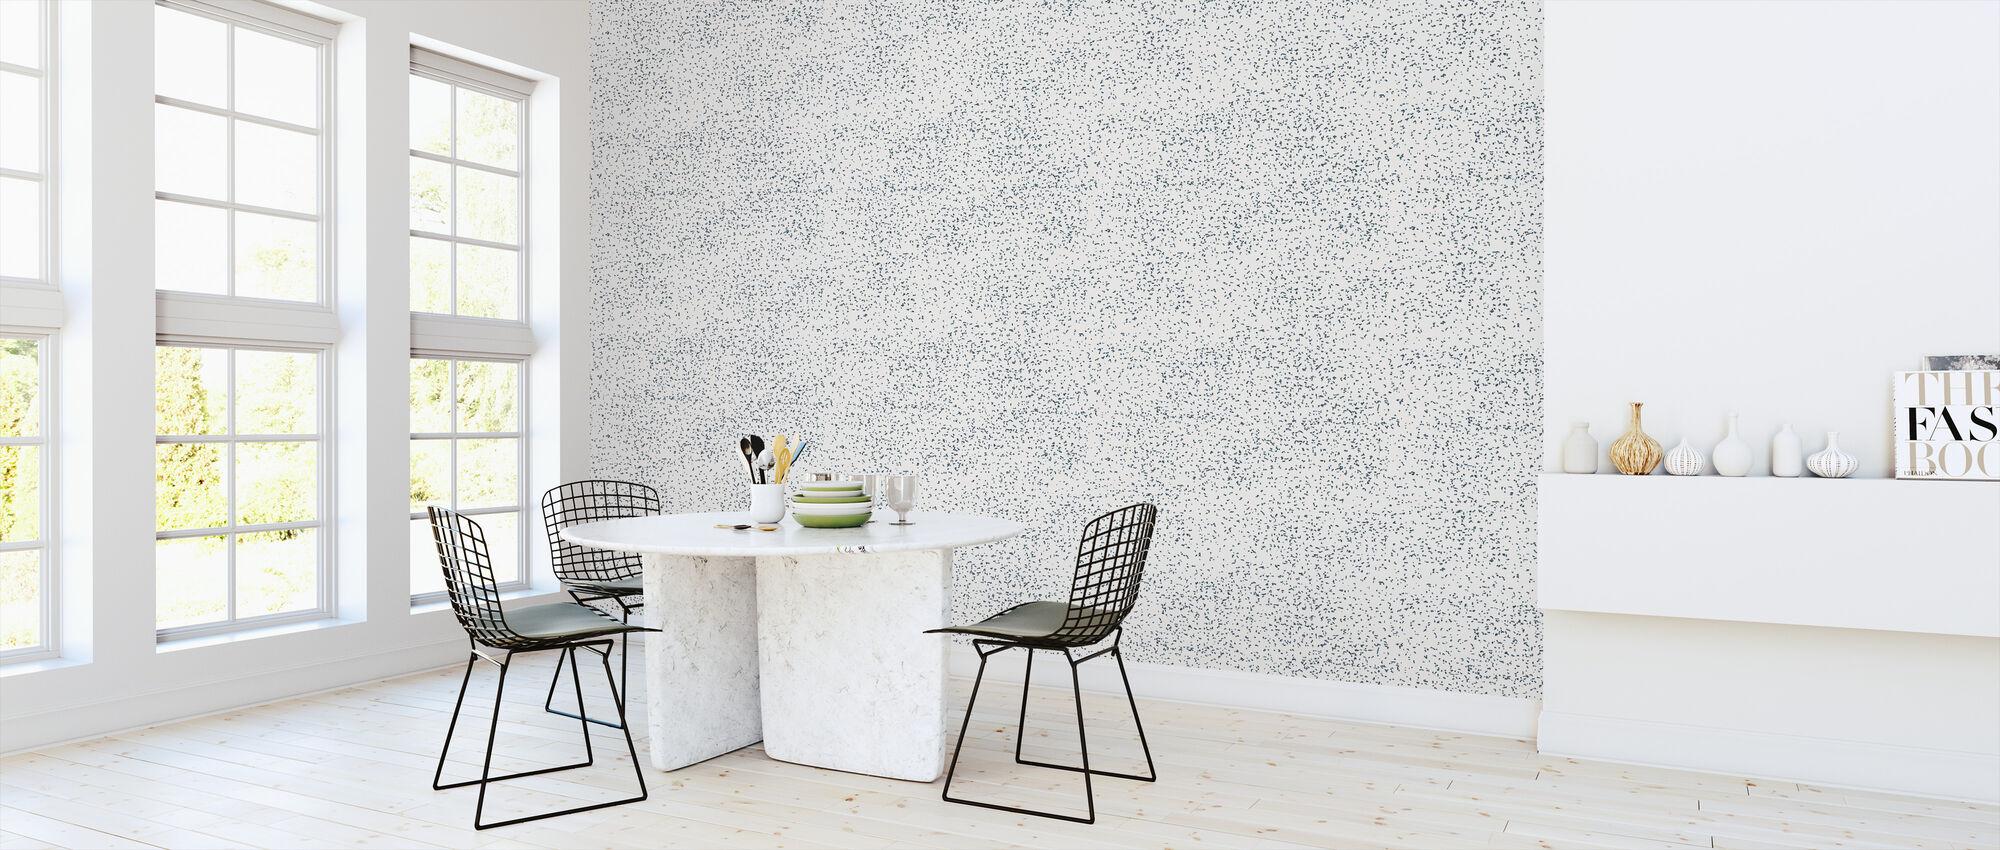 Speckle Blue - Wallpaper - Kitchen